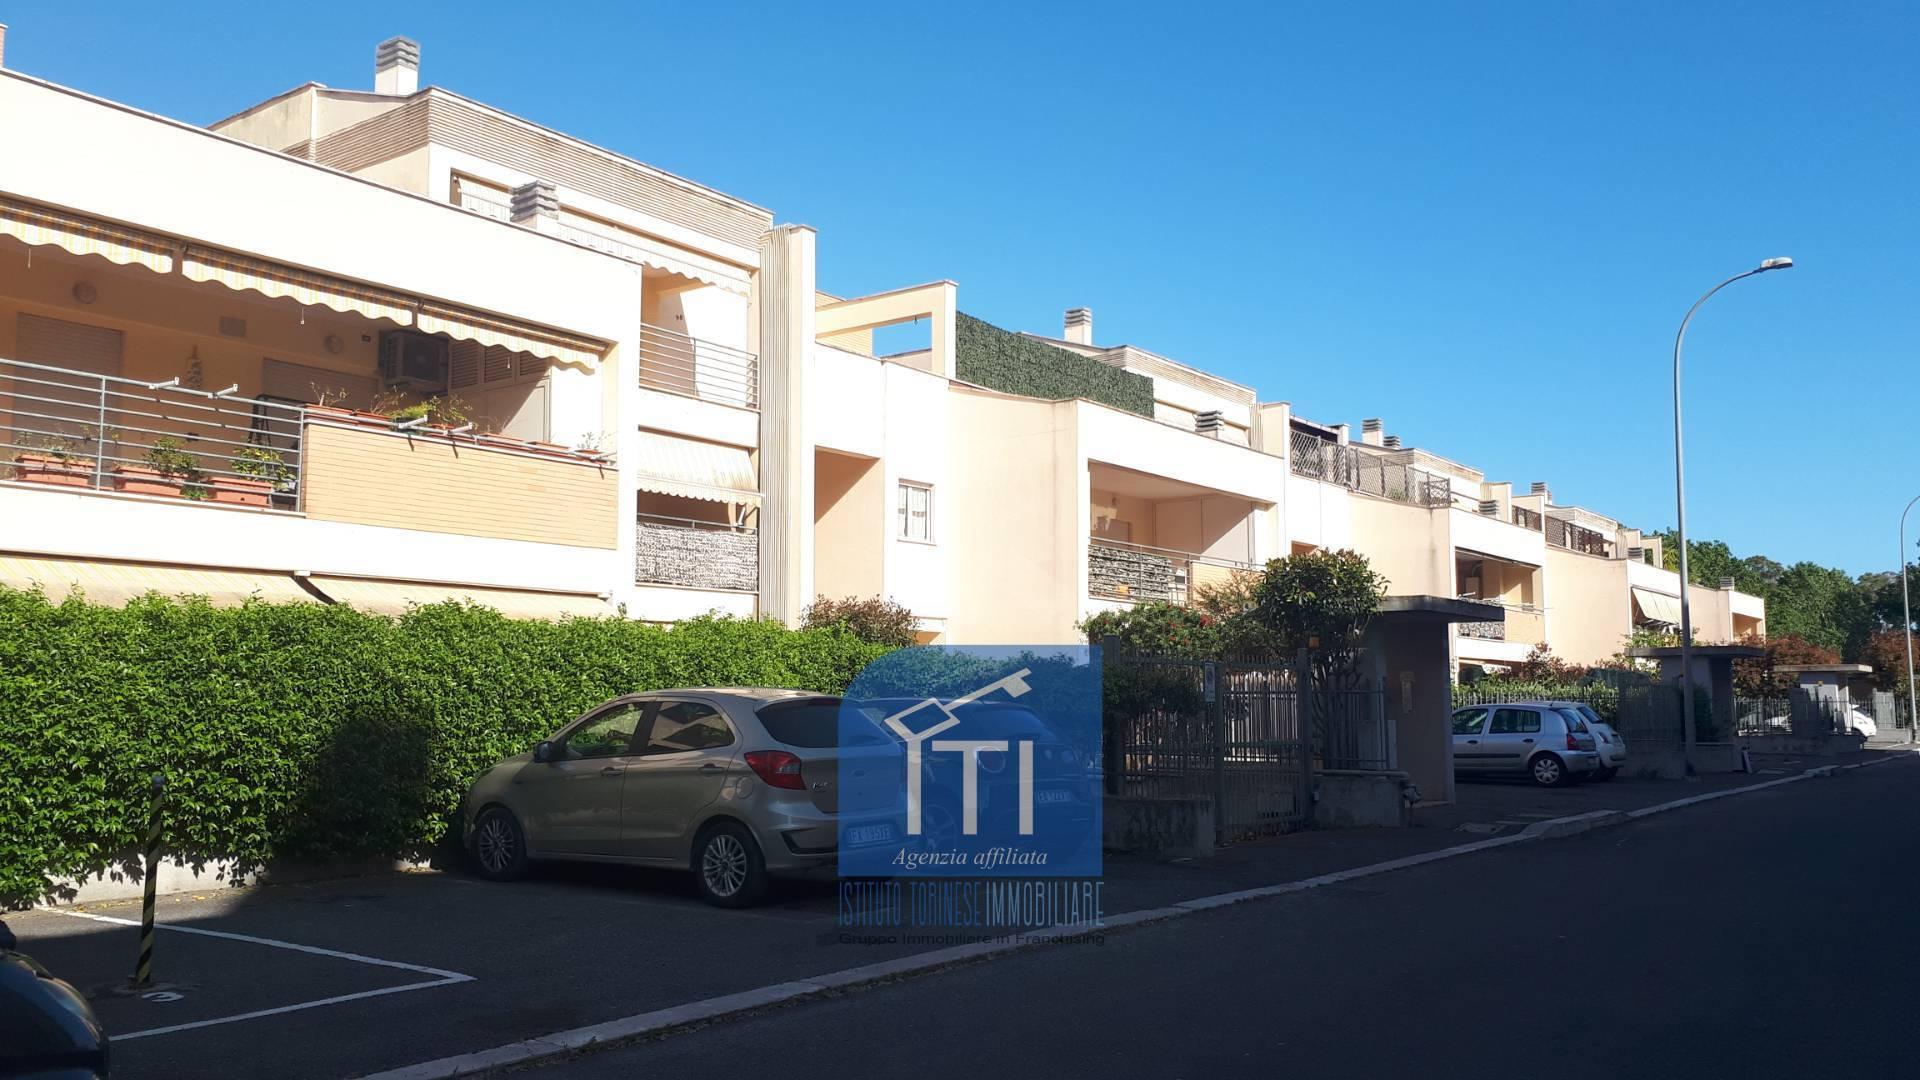 Appartamento in vendita a Latina, 1 locali, zona Località: BorgoSabotino, prezzo € 78.000 | PortaleAgenzieImmobiliari.it